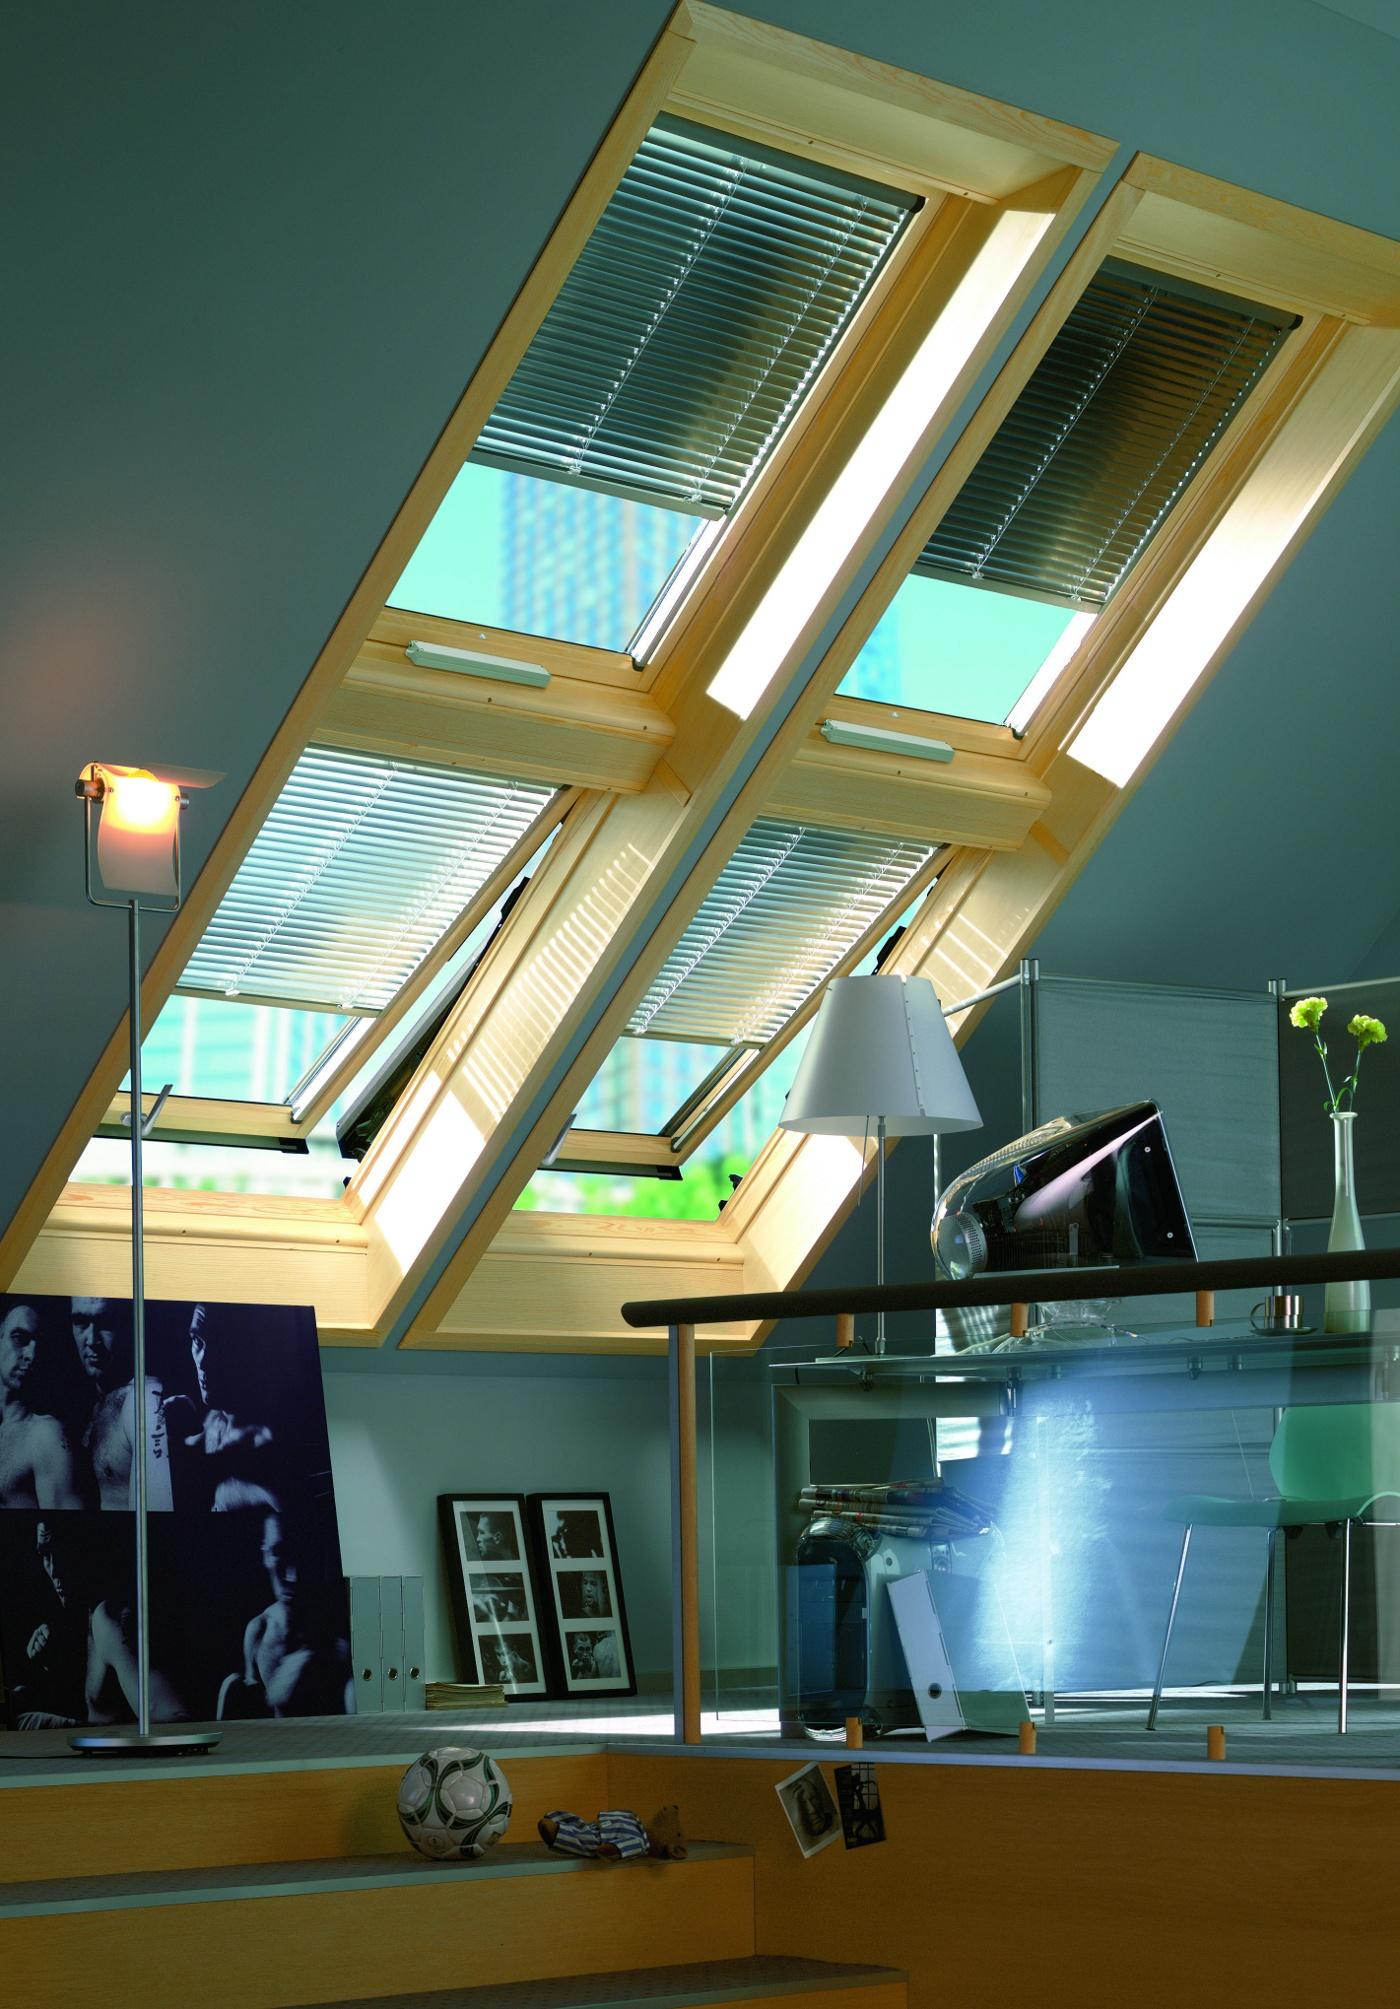 Dachfenster roto oder velux best details zu fr roto - Dachfenster gunstig polen ...